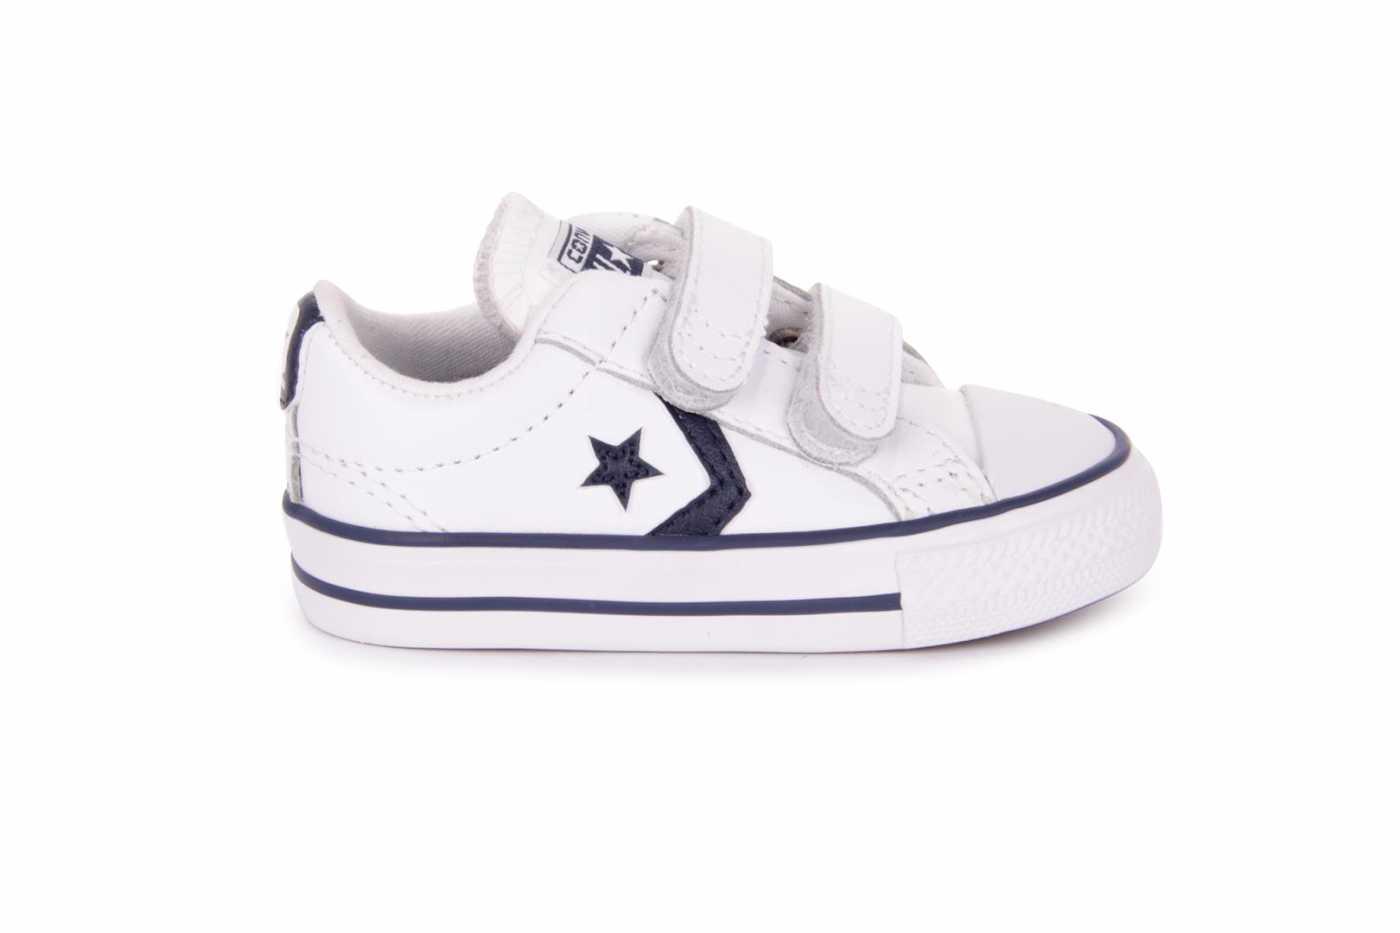 679879975910e Comprar zapato tipo JOVEN NIÑO estilo LONA COLOR BLANCO LONA ...